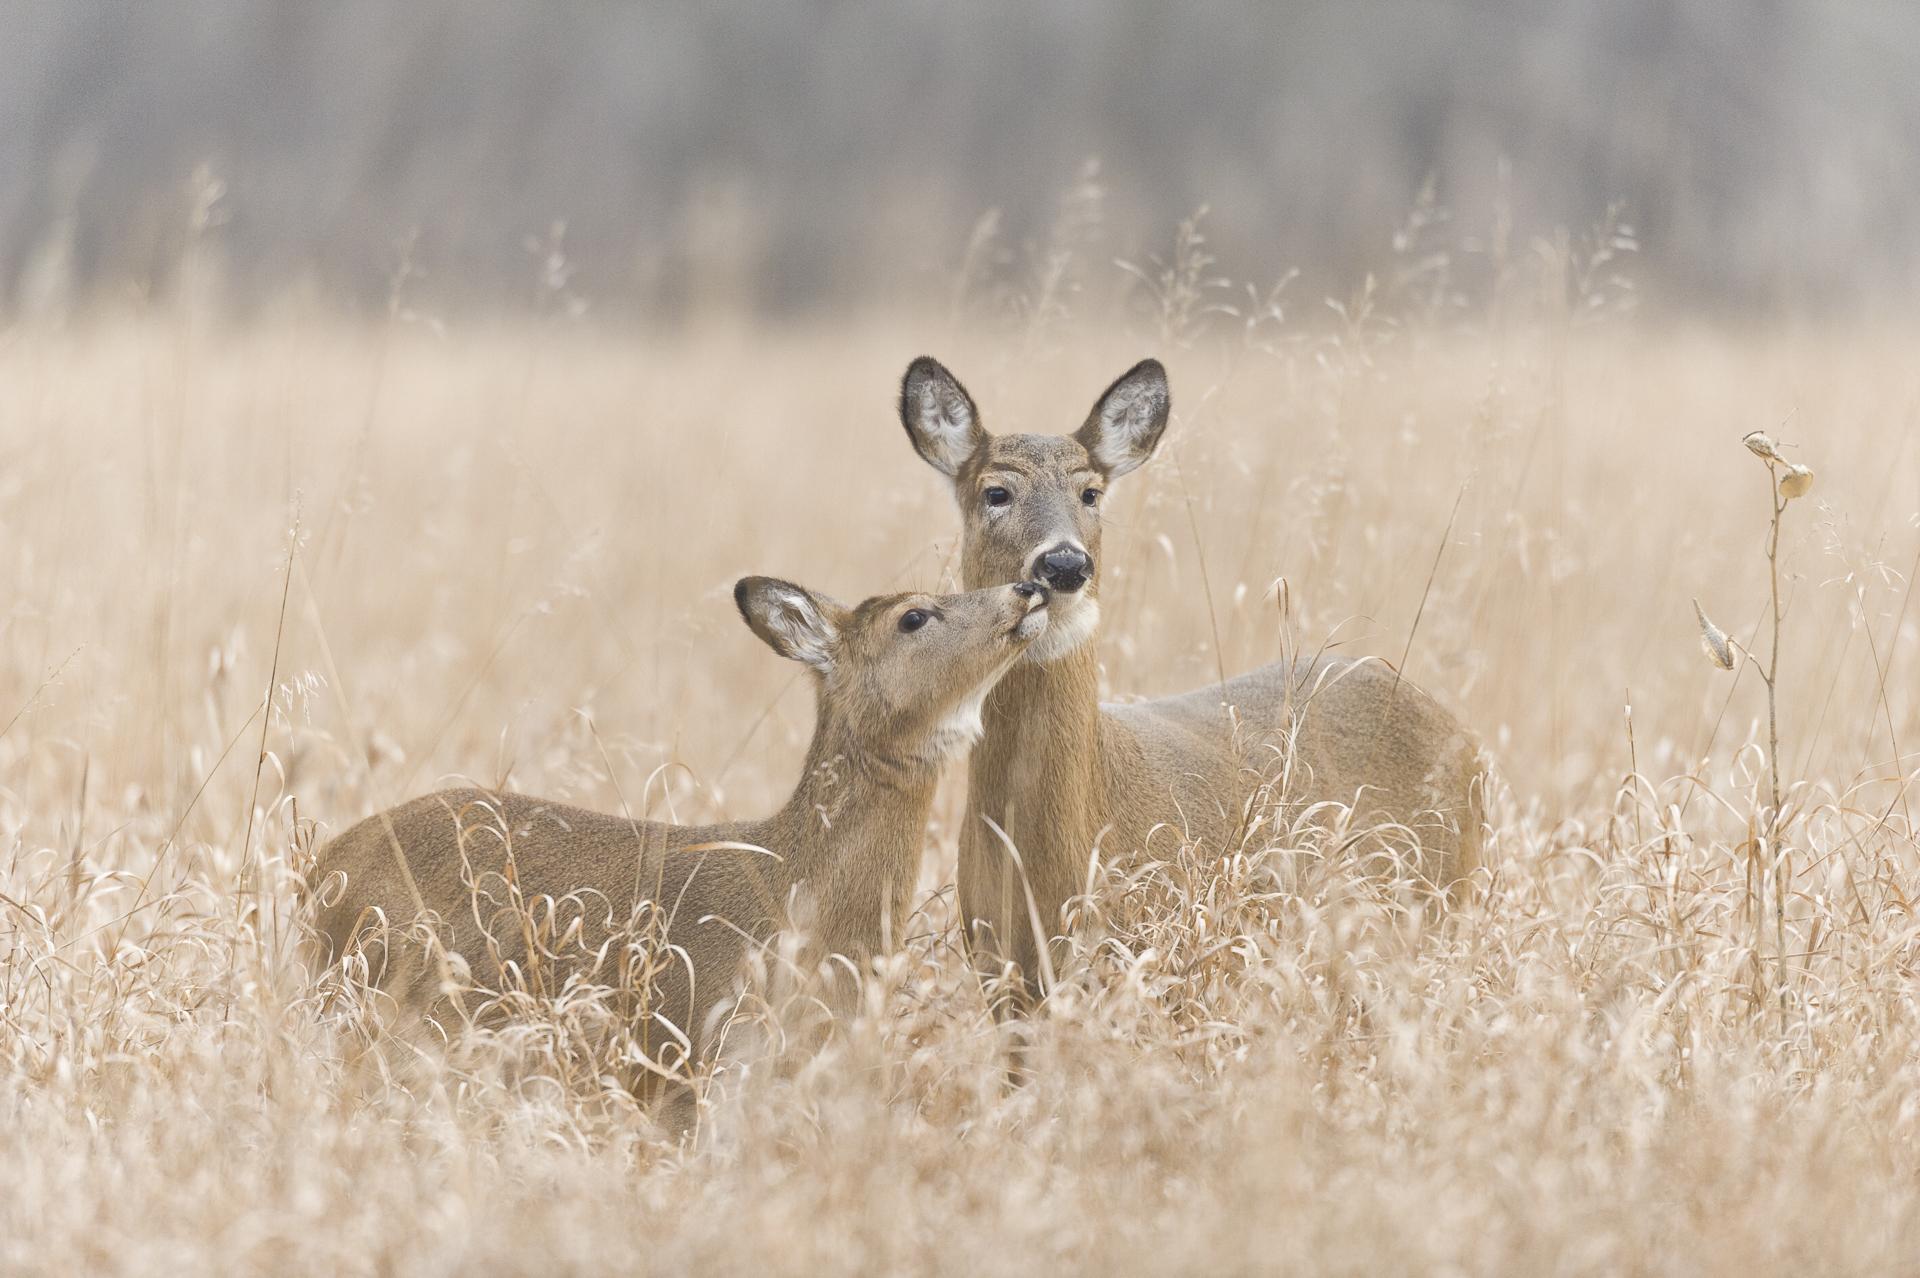 tender moment